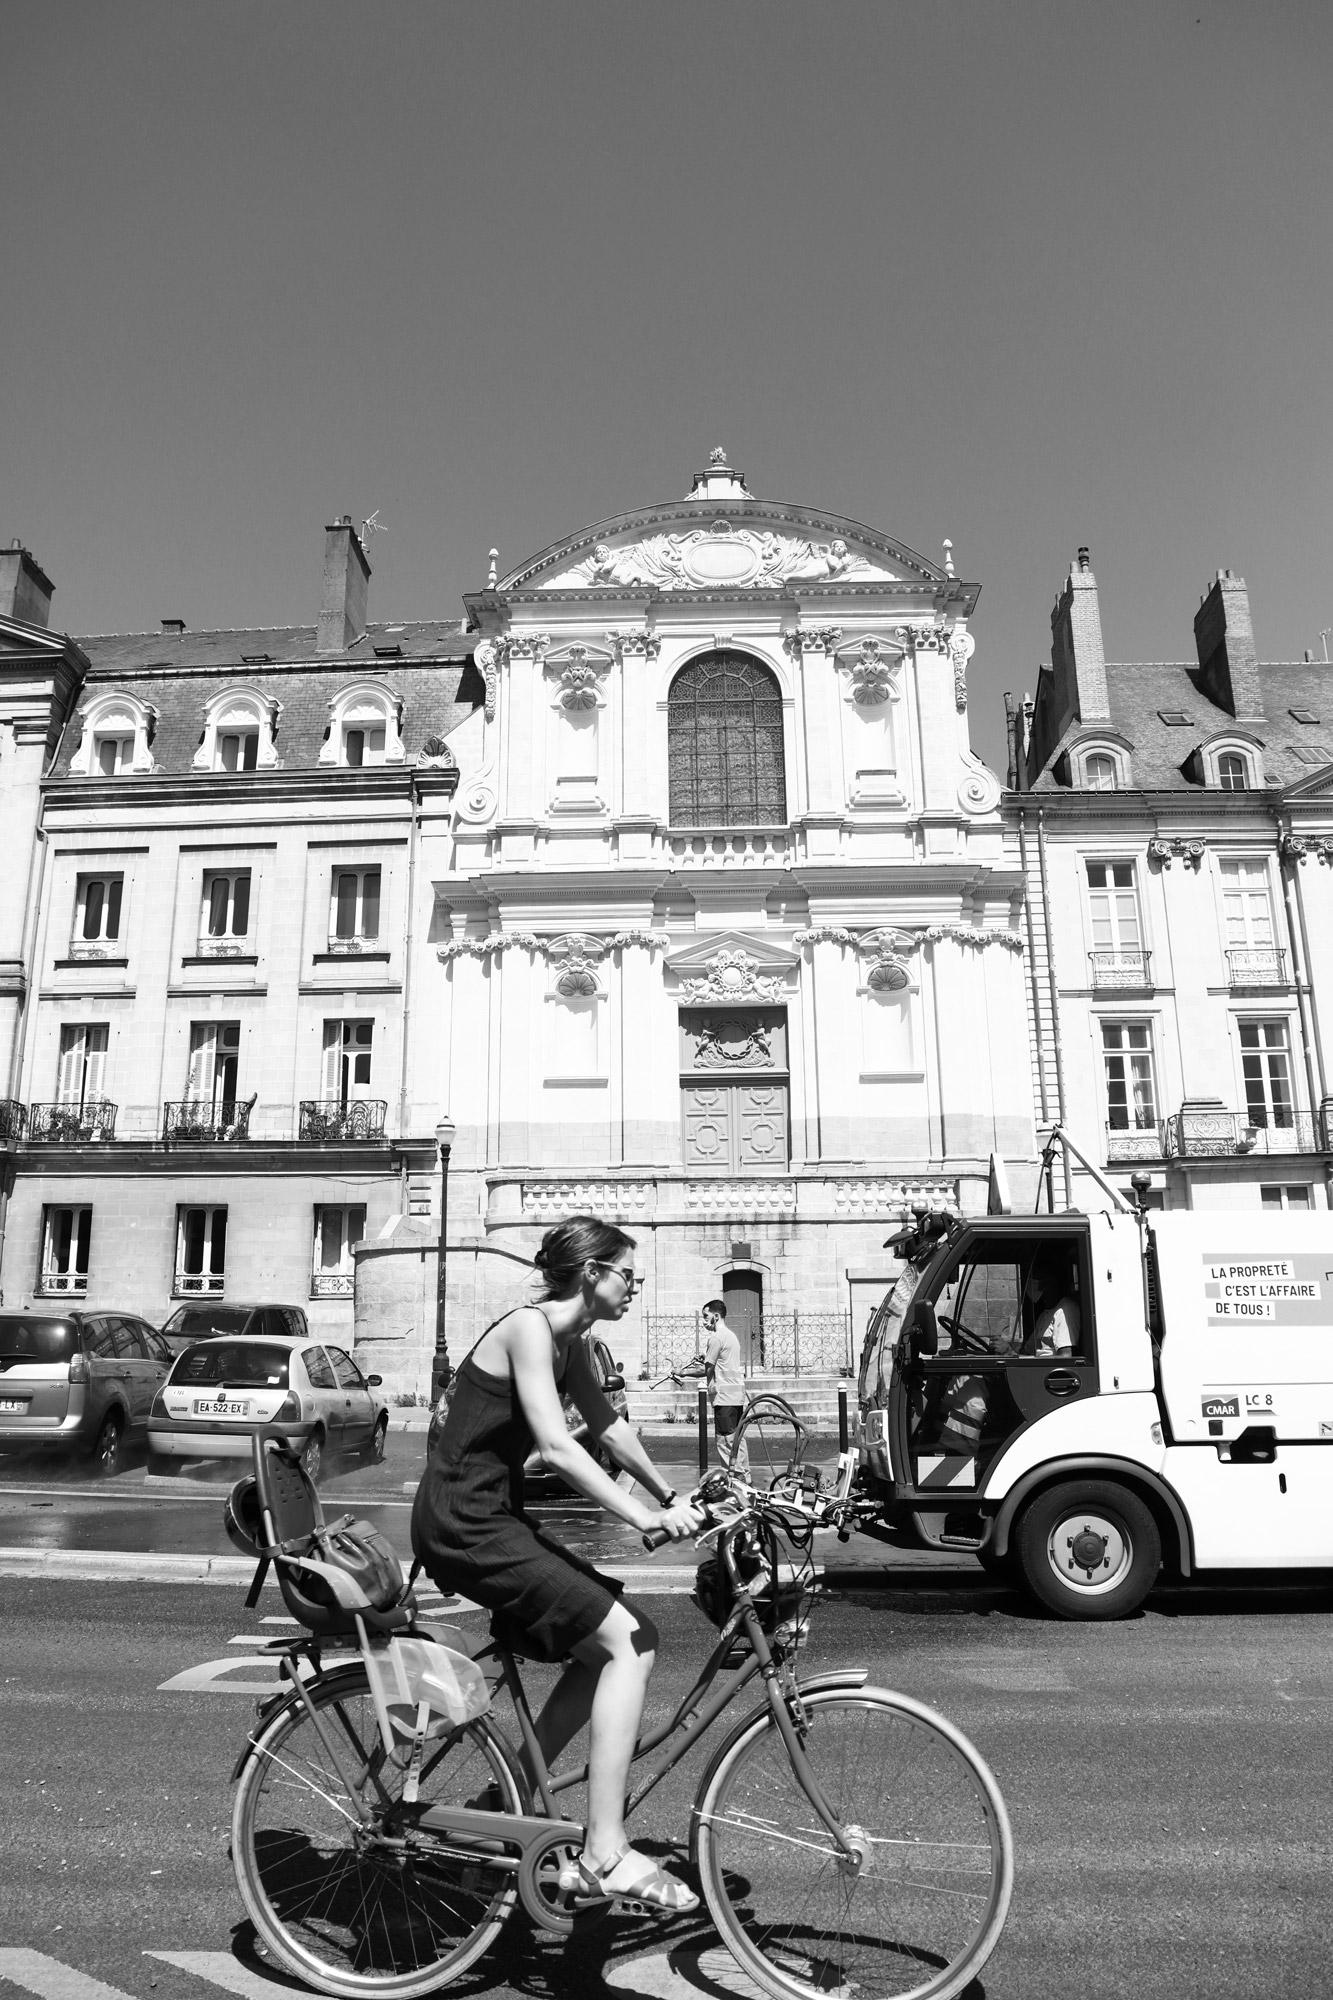 """""""City life"""" - Rue Henri IV, Nantes. ©Clémence Rougetet"""